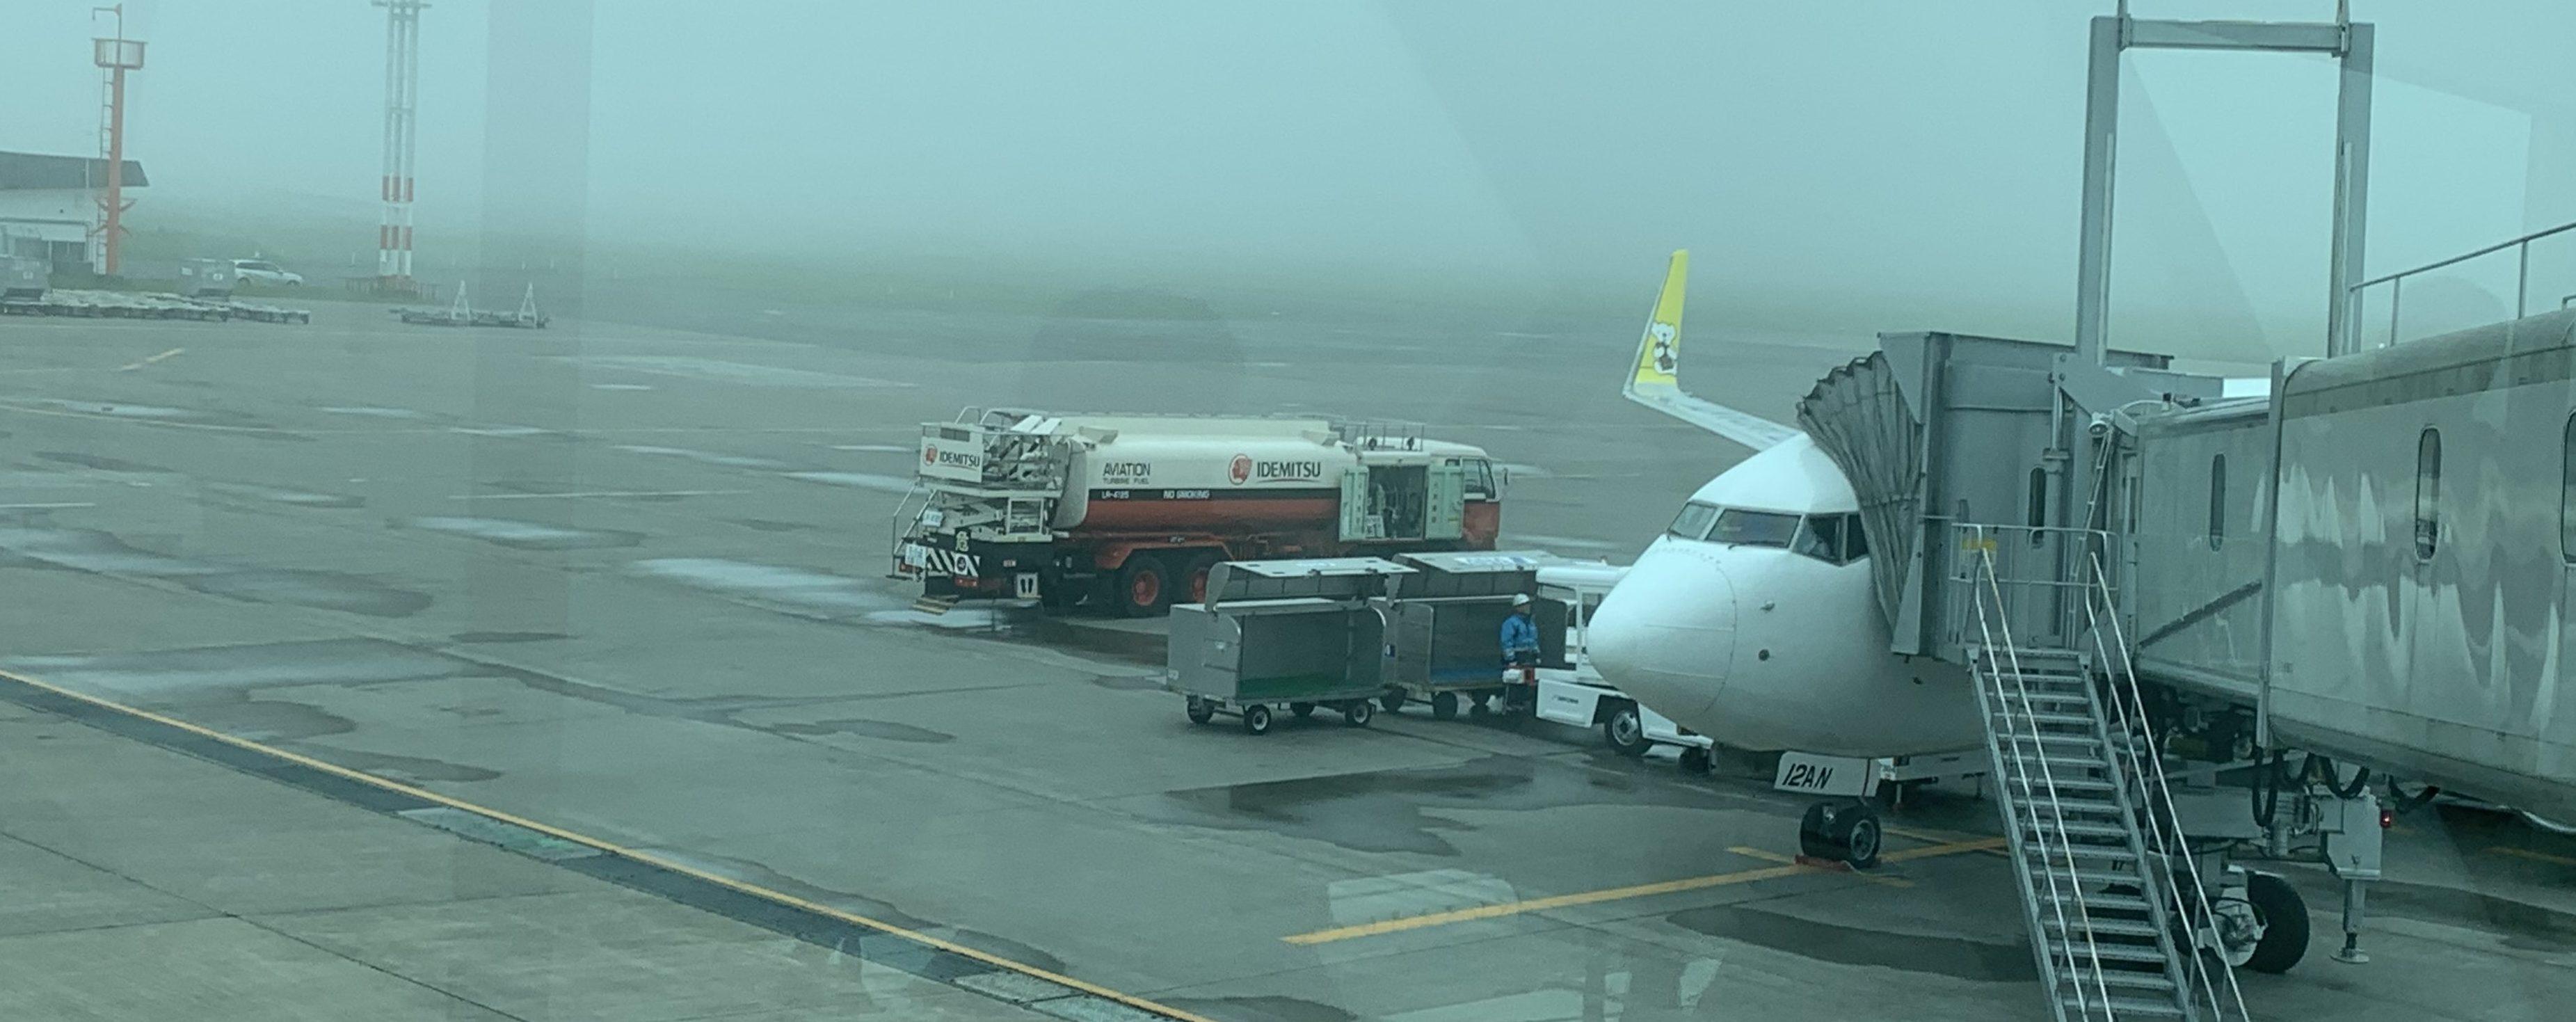 Air Doで釧路空港へ